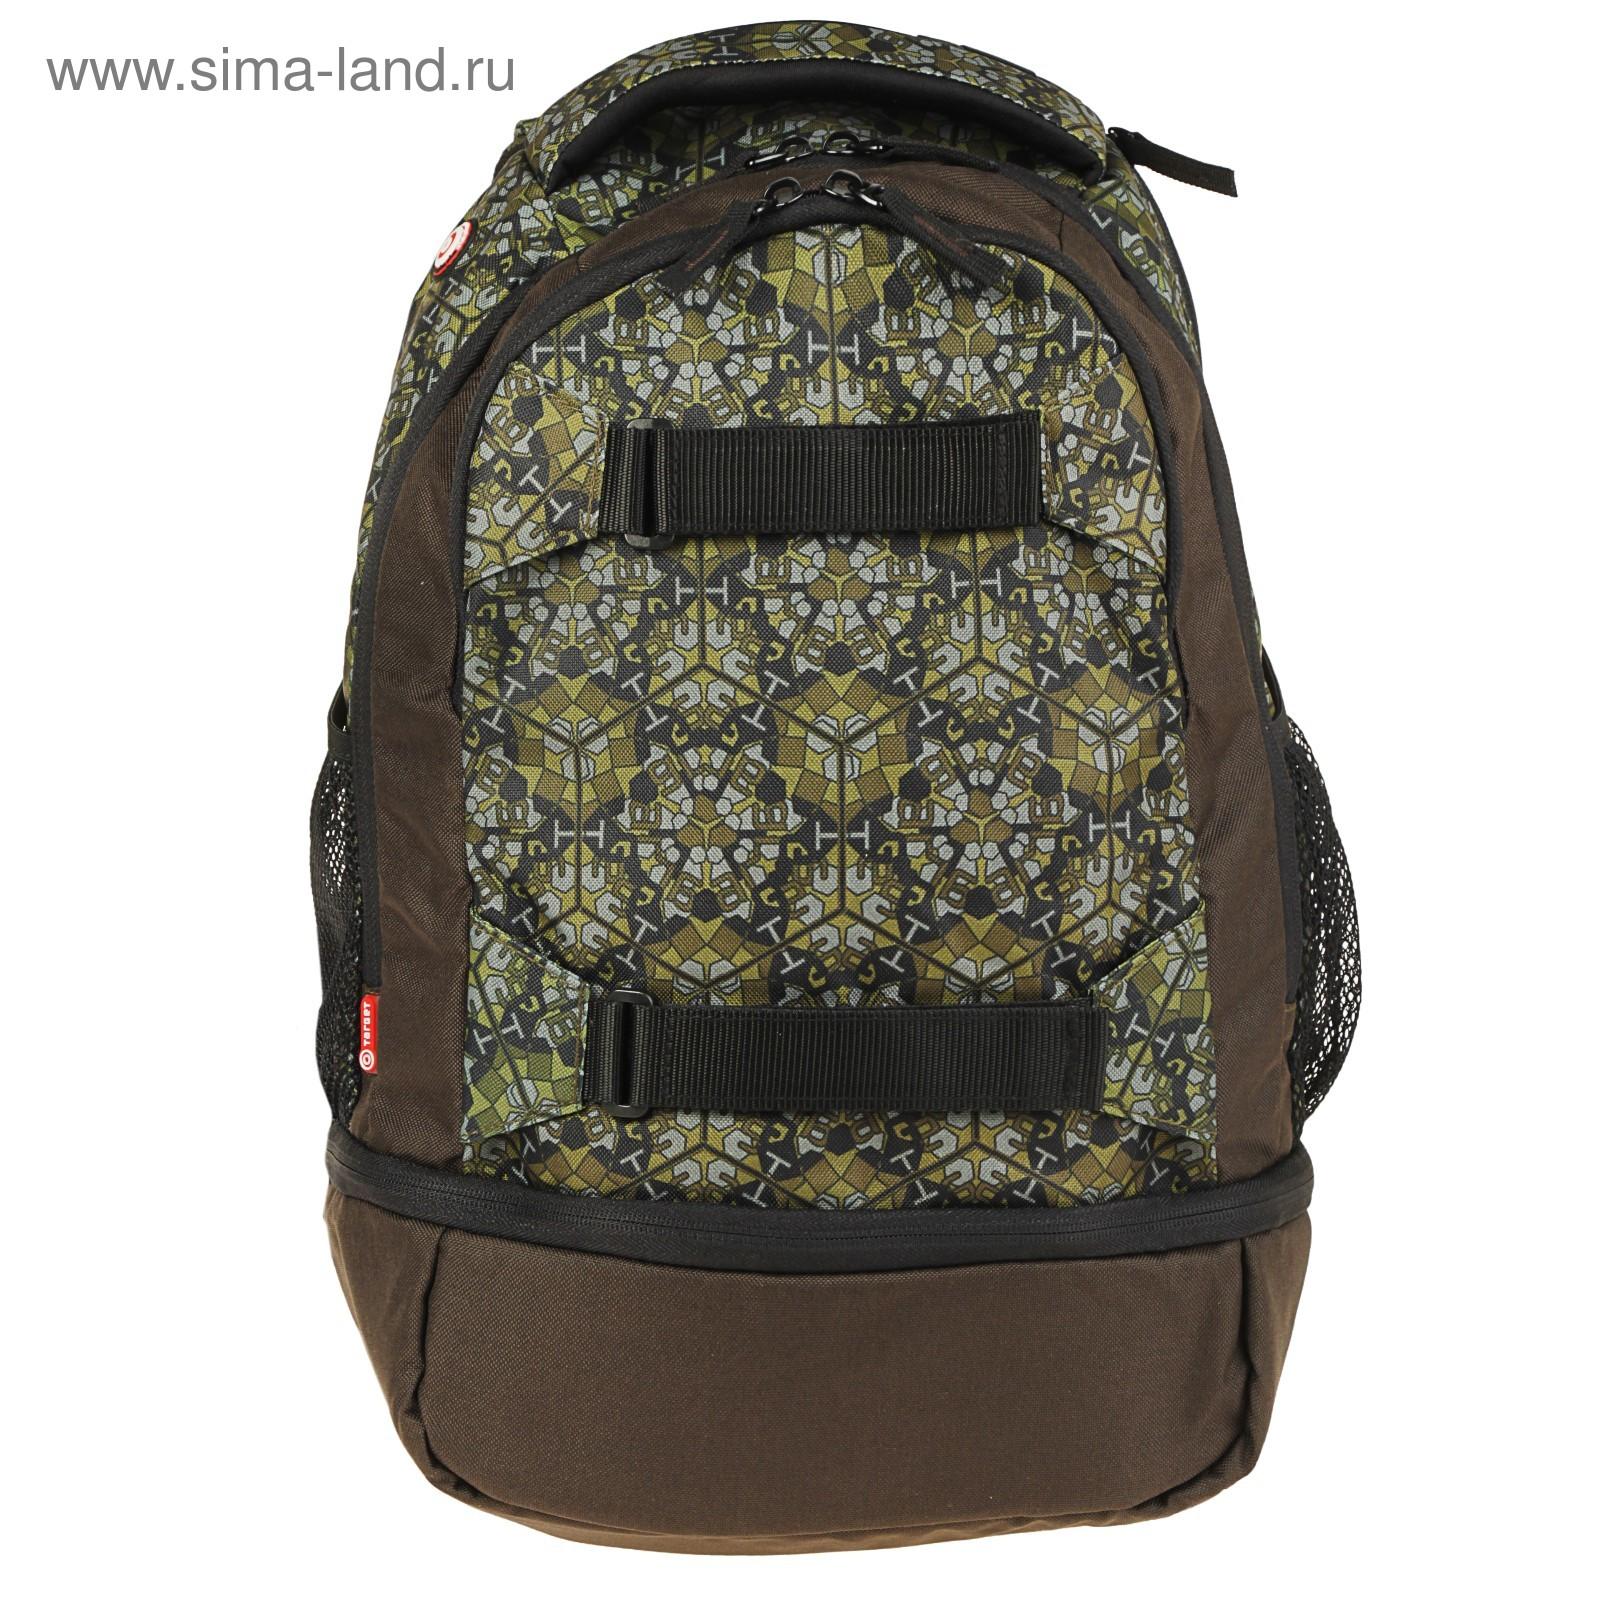 0a5cbd799e50 Рюкзак Target Kaleido camu-2 47*30*20, зелёный (23935) - Купить по ...